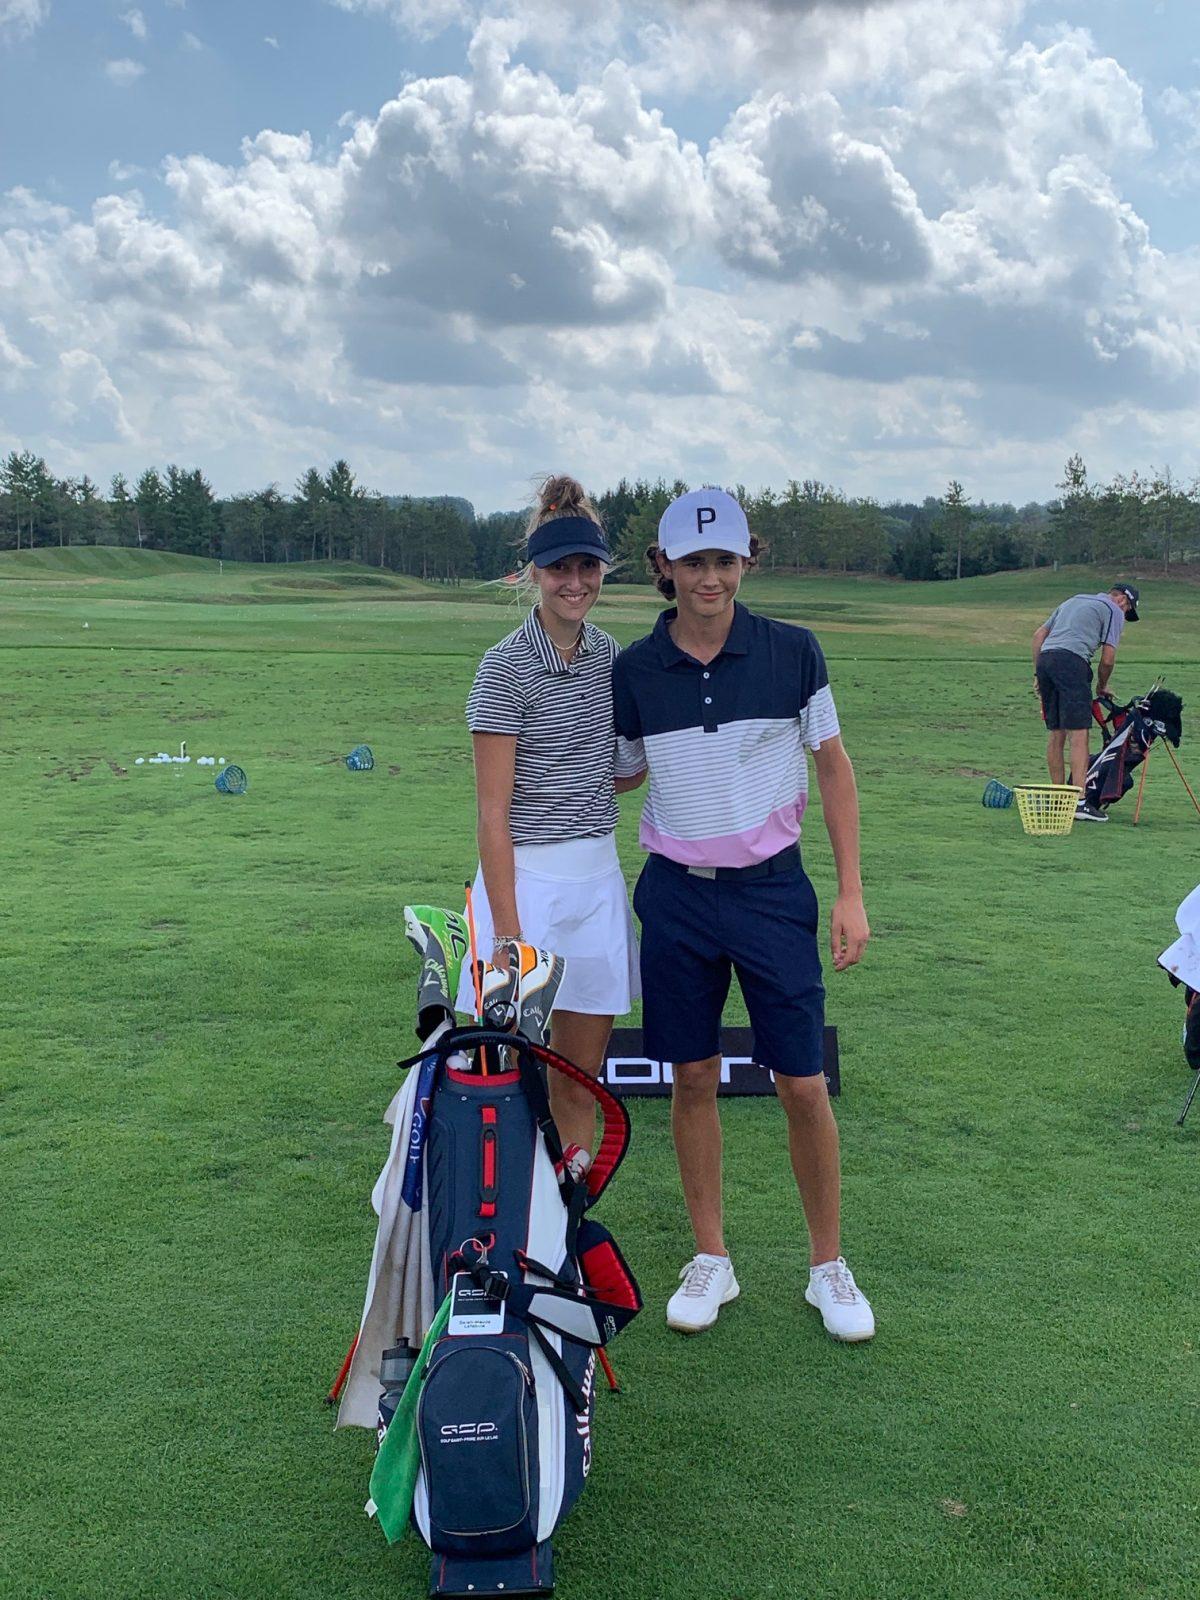 Défi national de golf junior d'habiletés à Toronto: Deux membres du club de Saint-Prime parmi les meilleurs espoirs canadiens